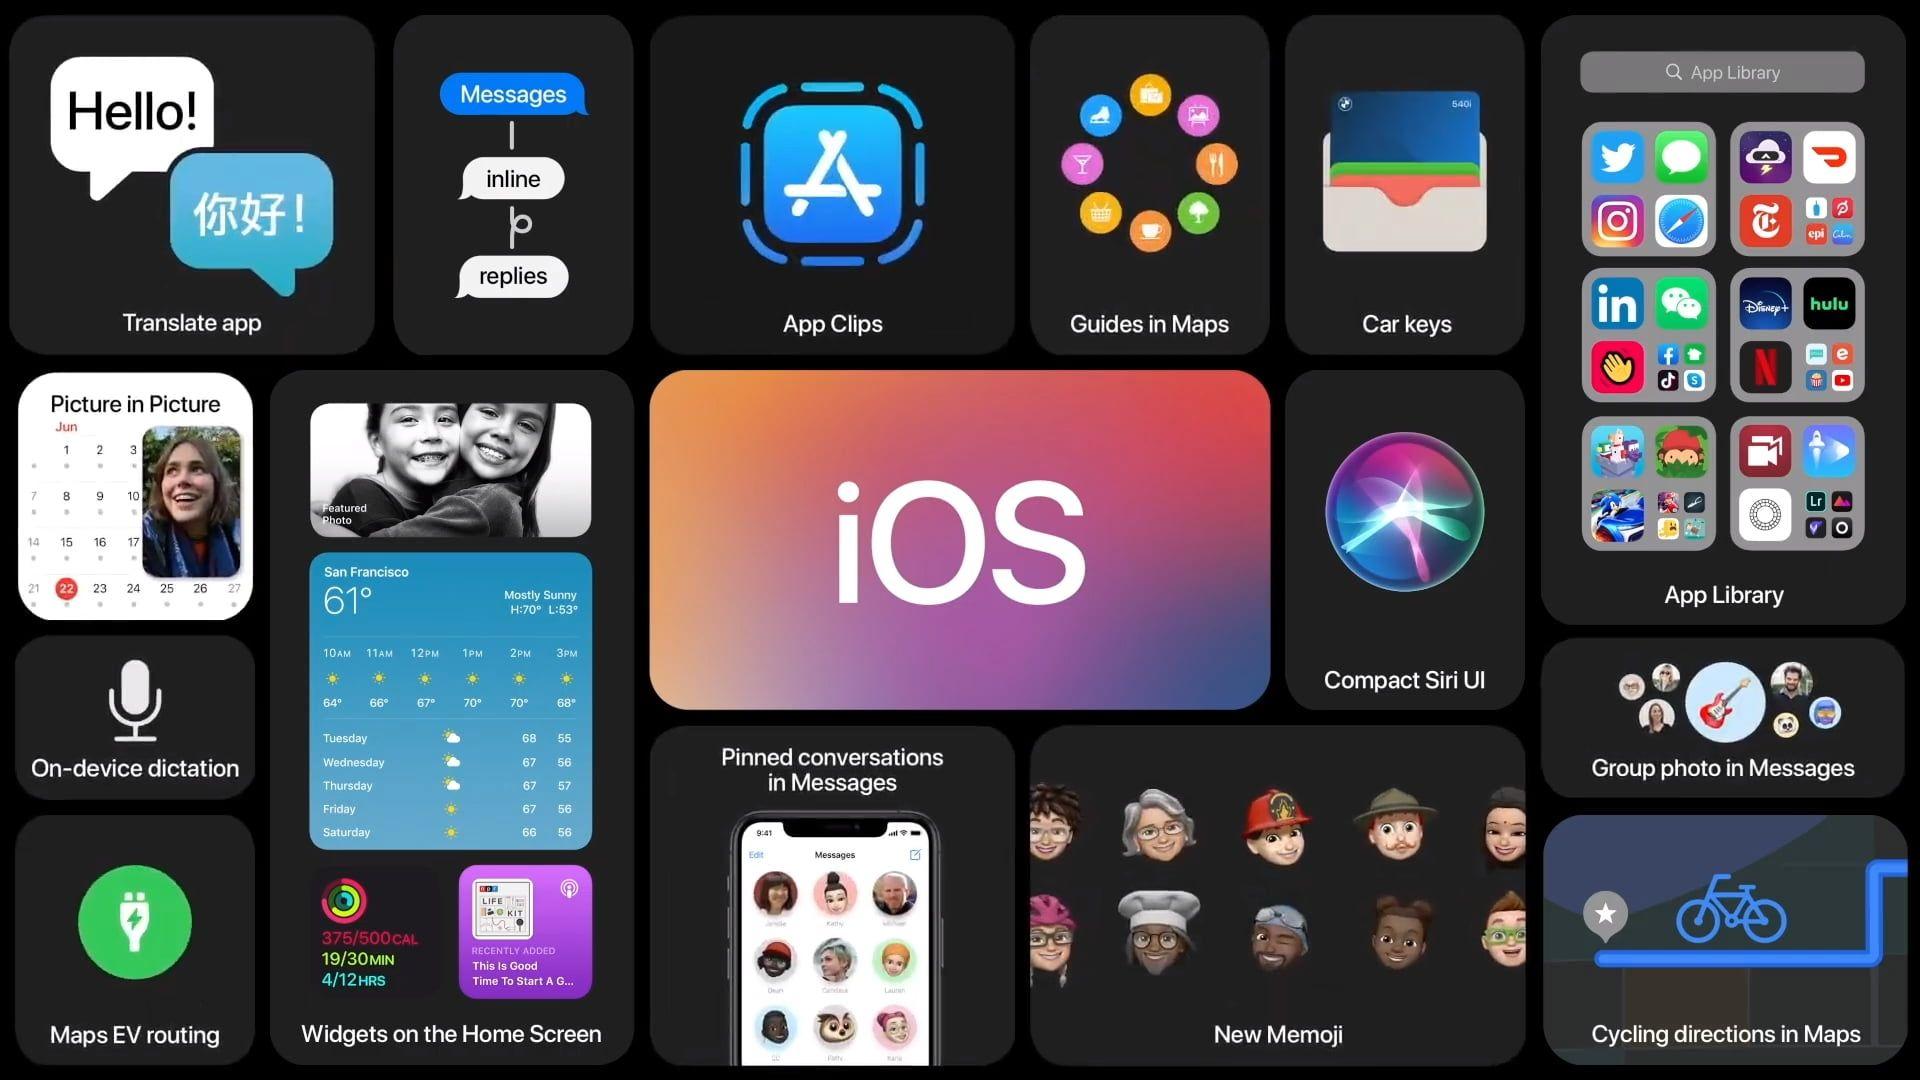 Możliwe wybranie domyślnego serwisu streamingowego w iOS 14.5